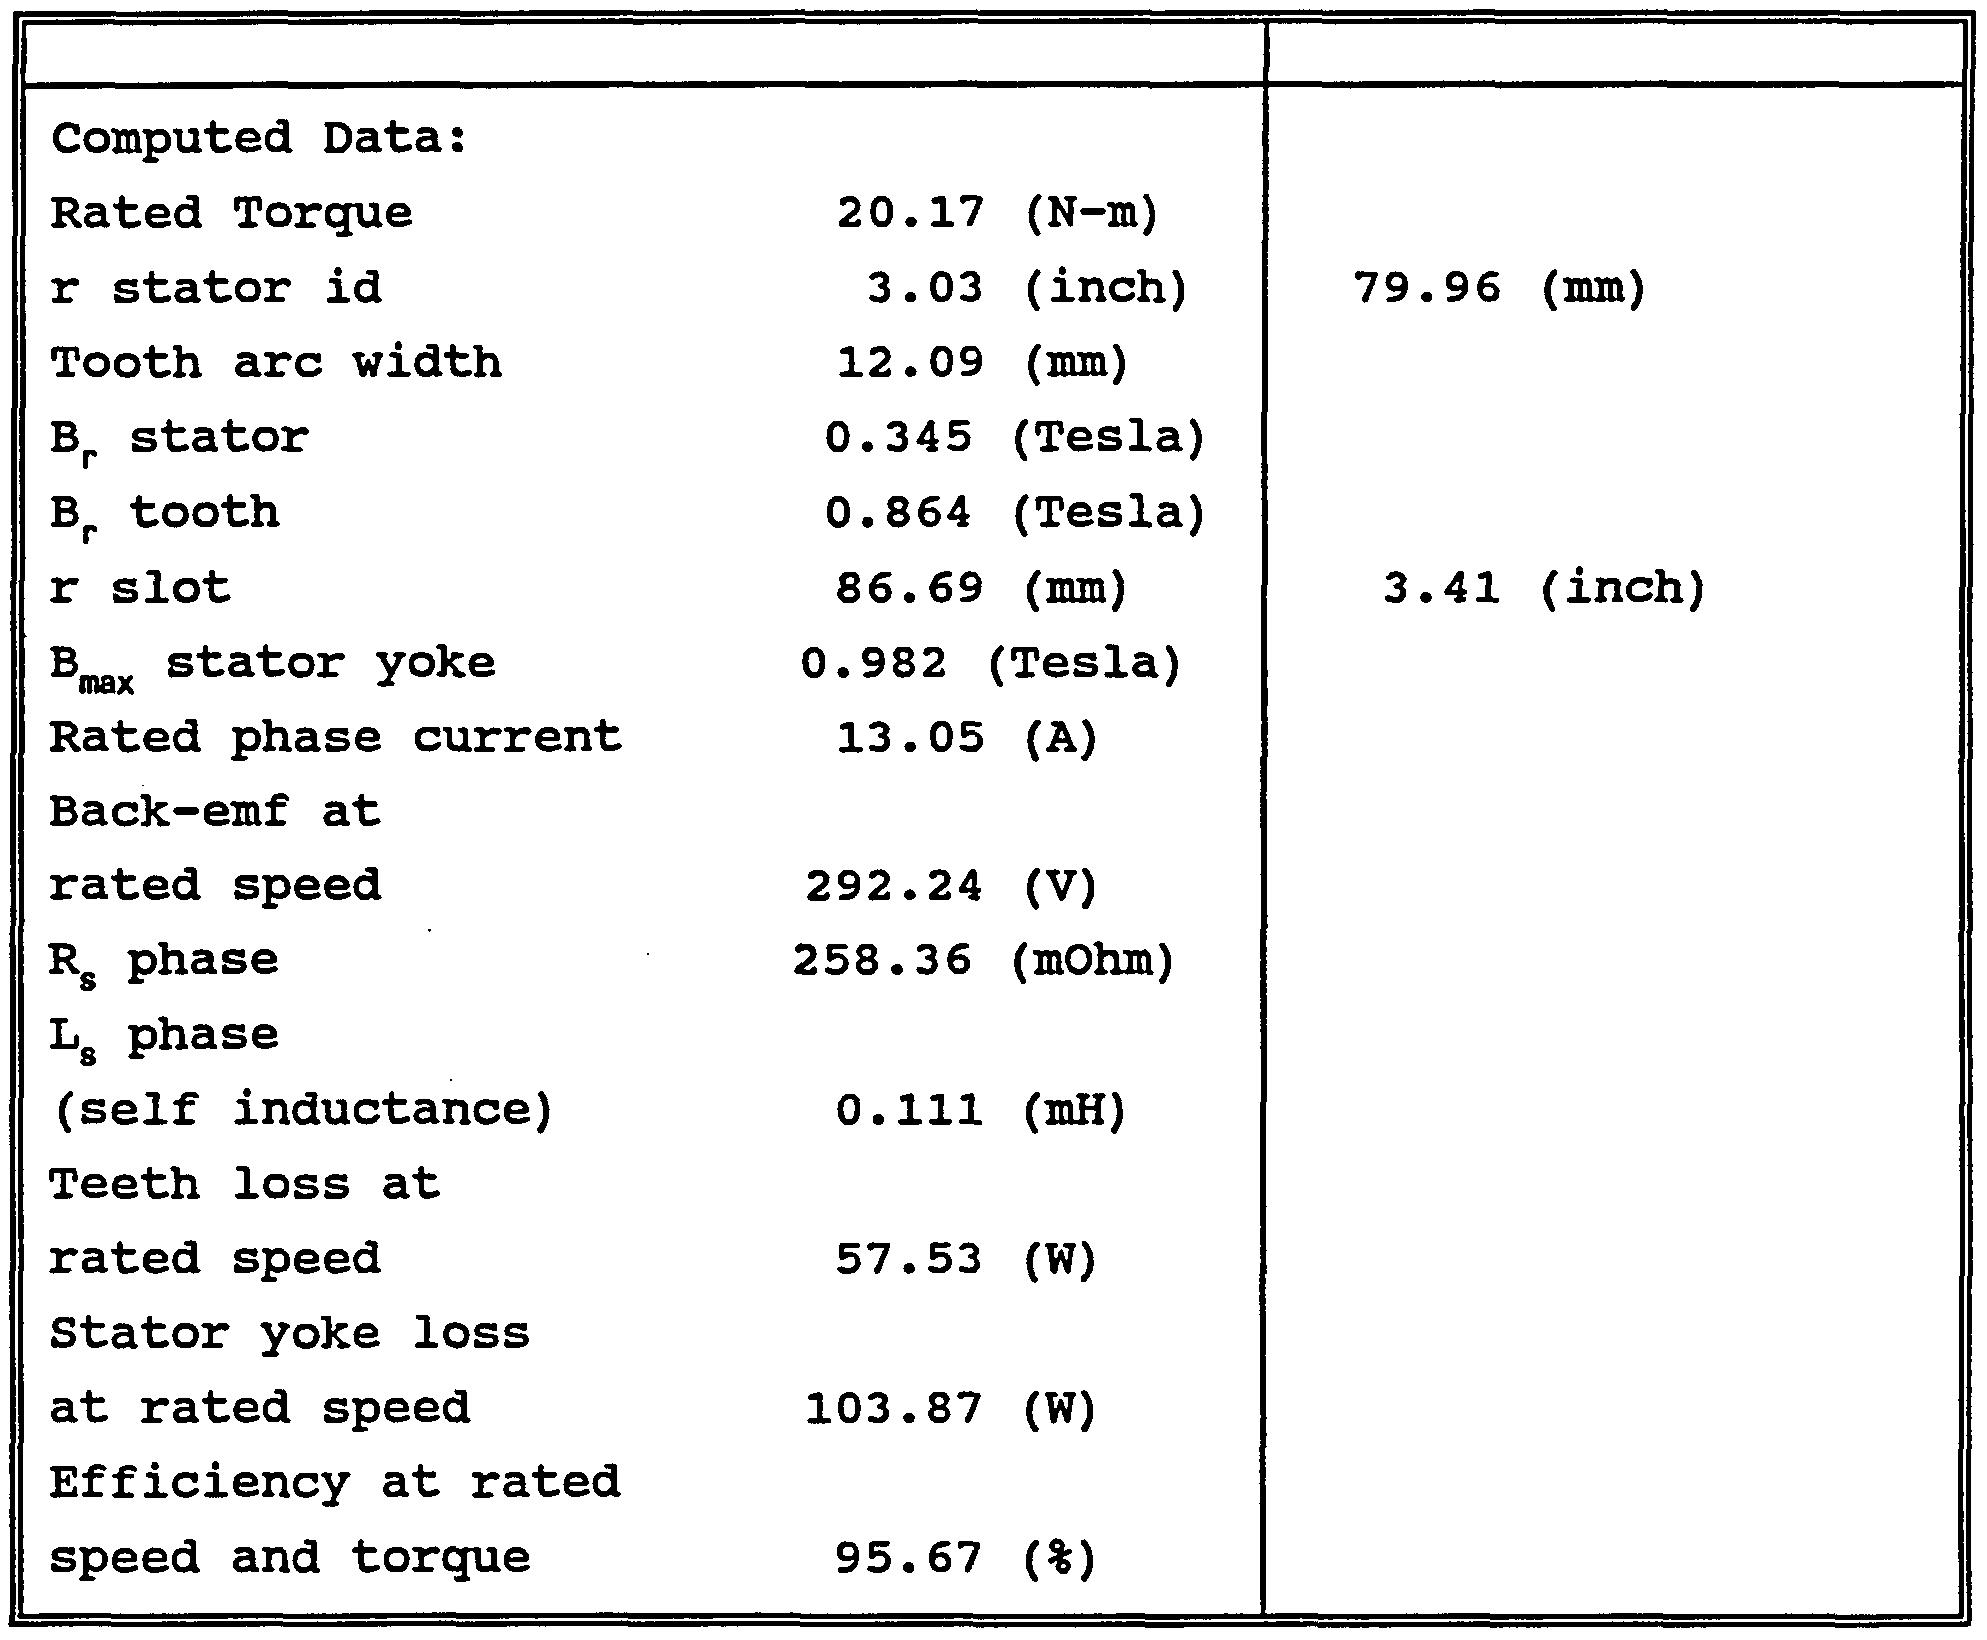 Tesla Emf Ratings